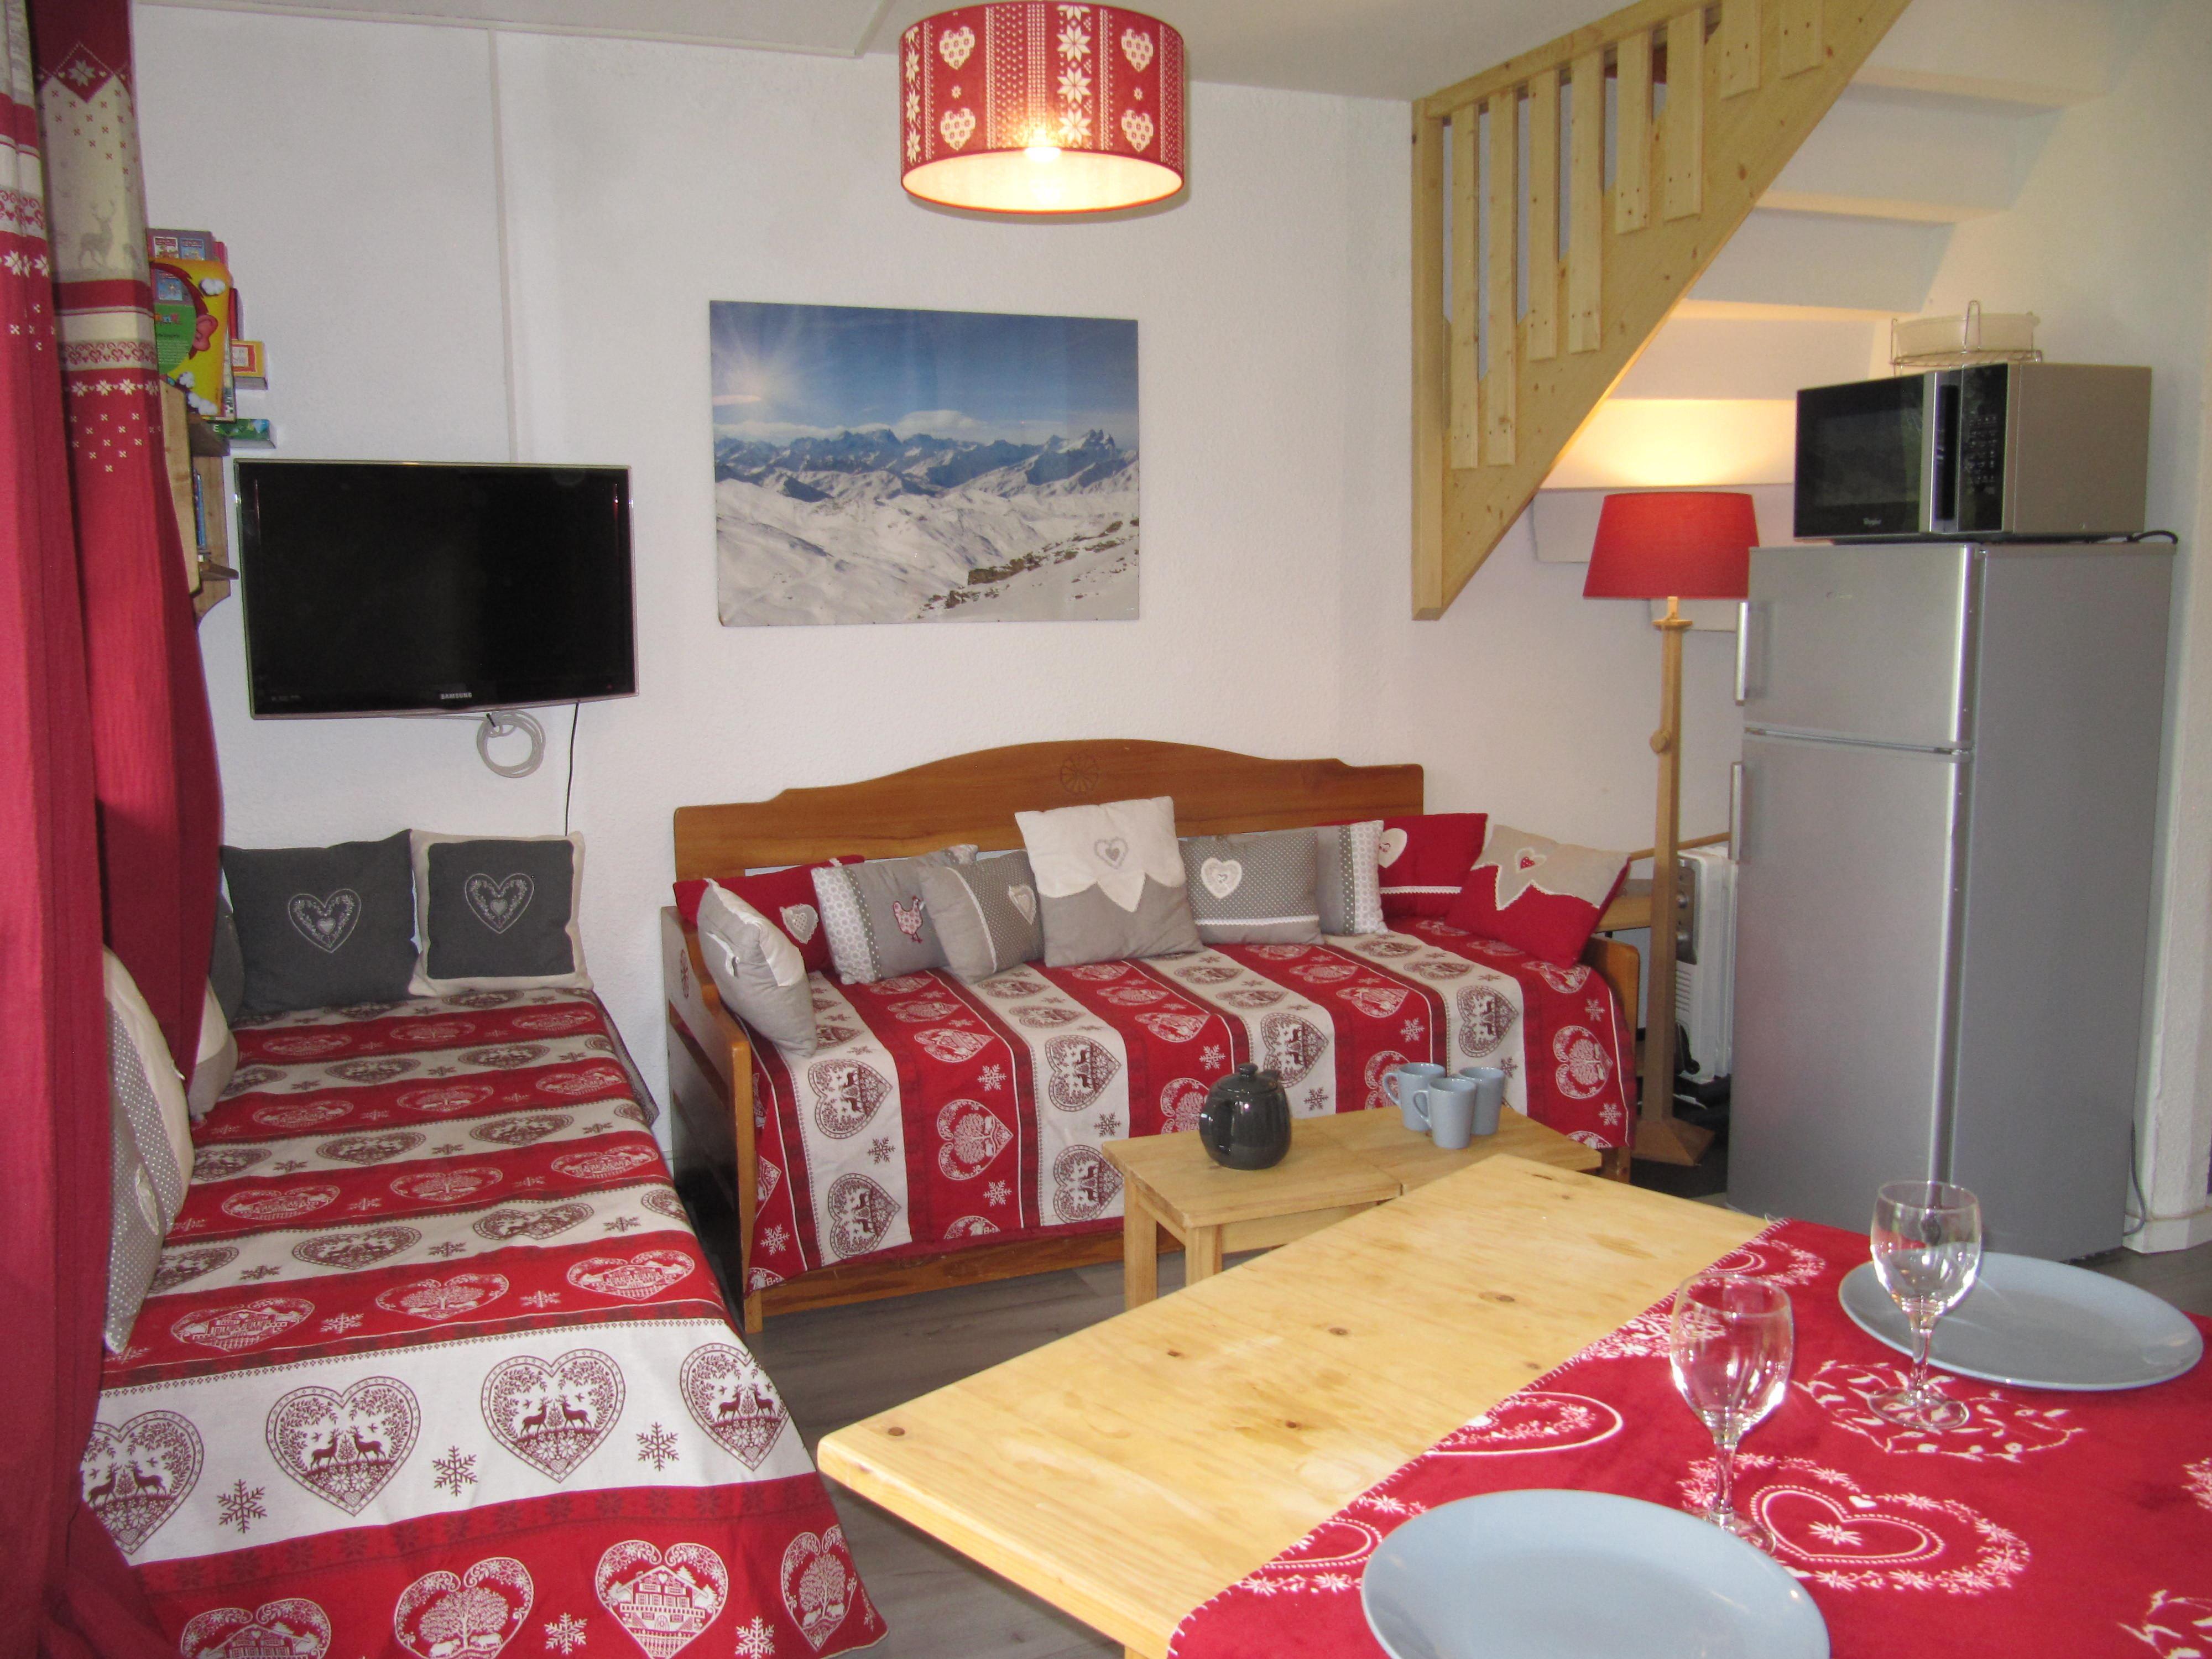 Nazca C3 > Appartement 3 pièces + 2 cabines en duplex - 8 personnes - 3 Flocons Or (Ma Clé IMMO)